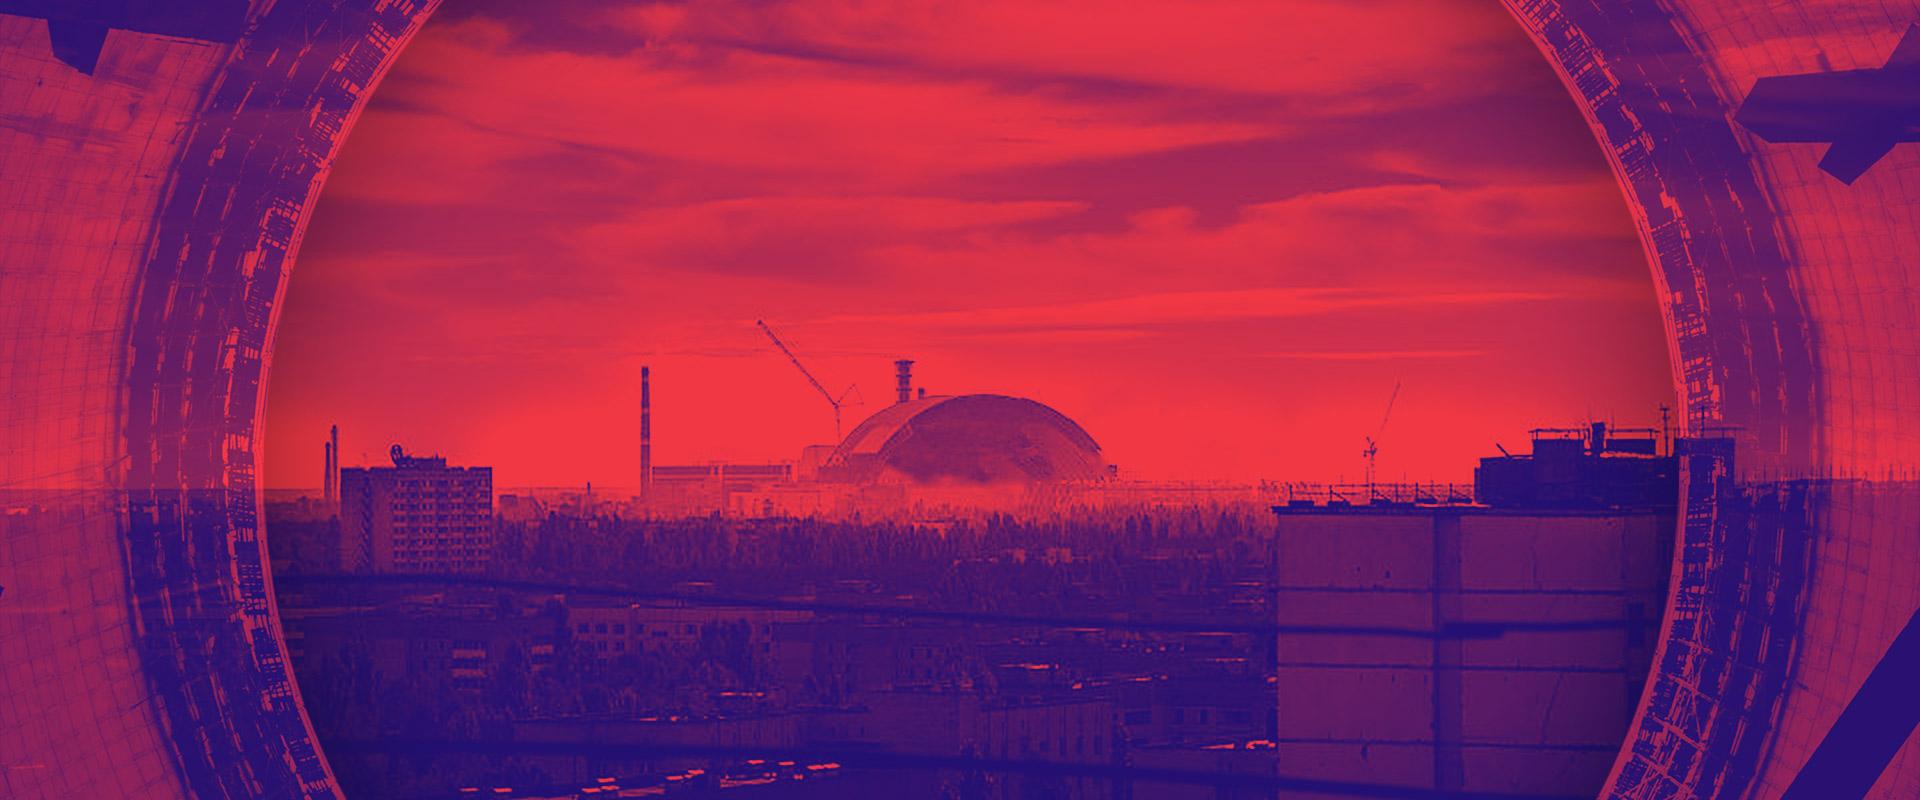 Artefact - Tchernobyl